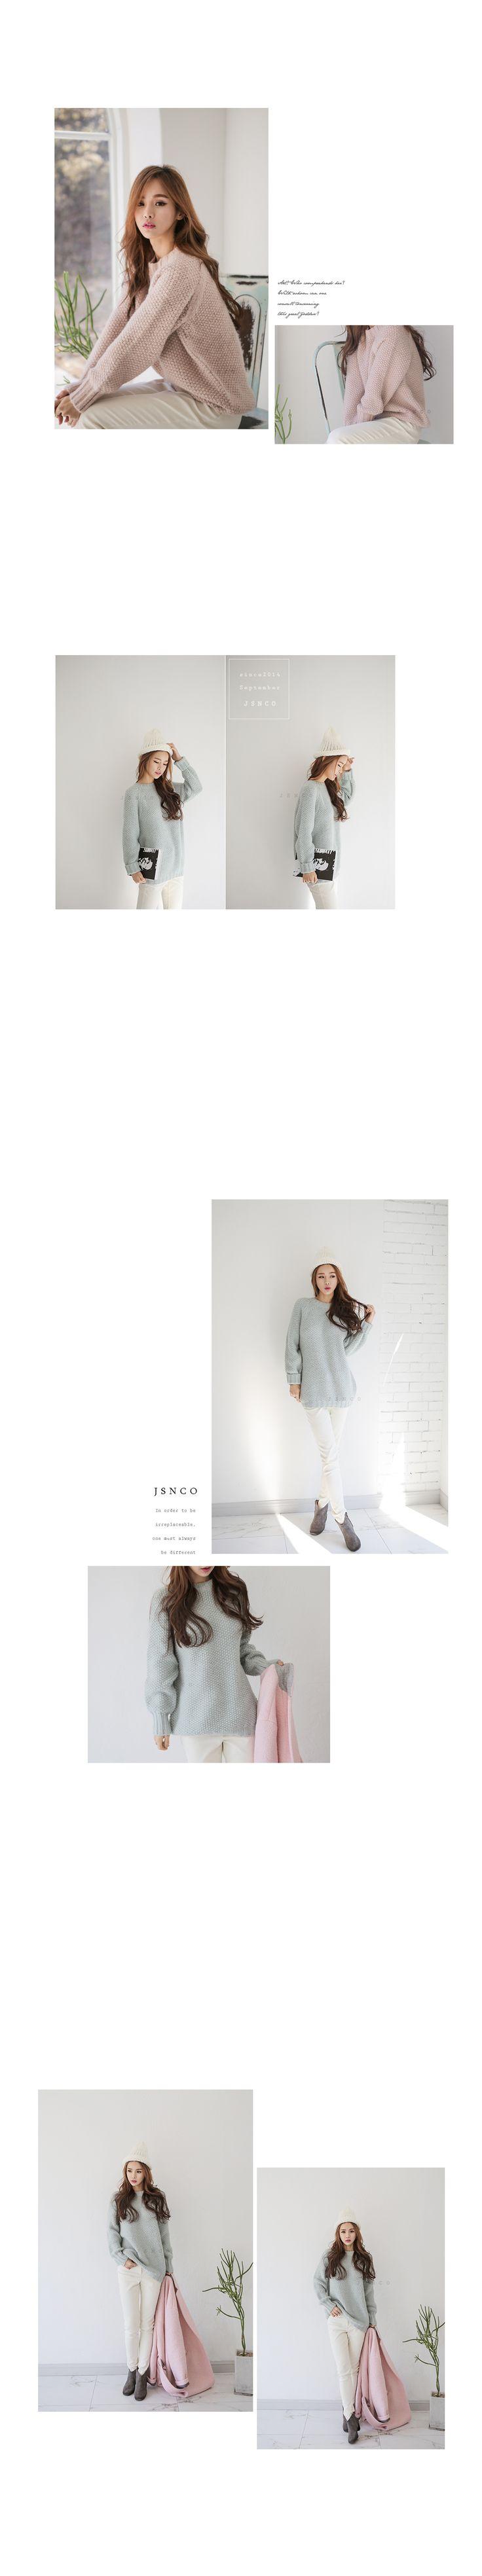 jsnco826